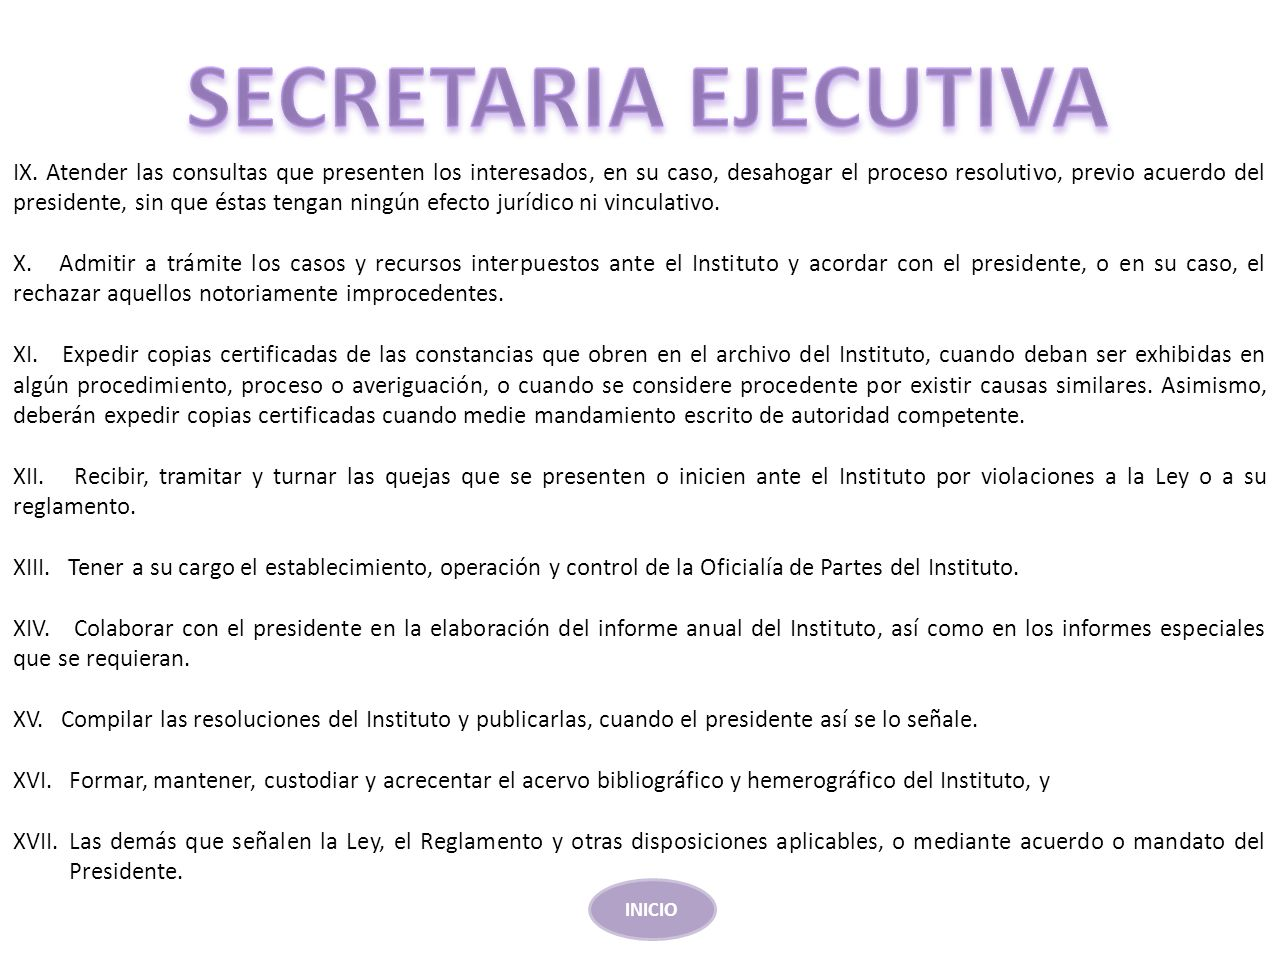 IX. Atender las consultas que presenten los interesados, en su caso, desahogar el proceso resolutivo, previo acuerdo del presidente, sin que éstas ten